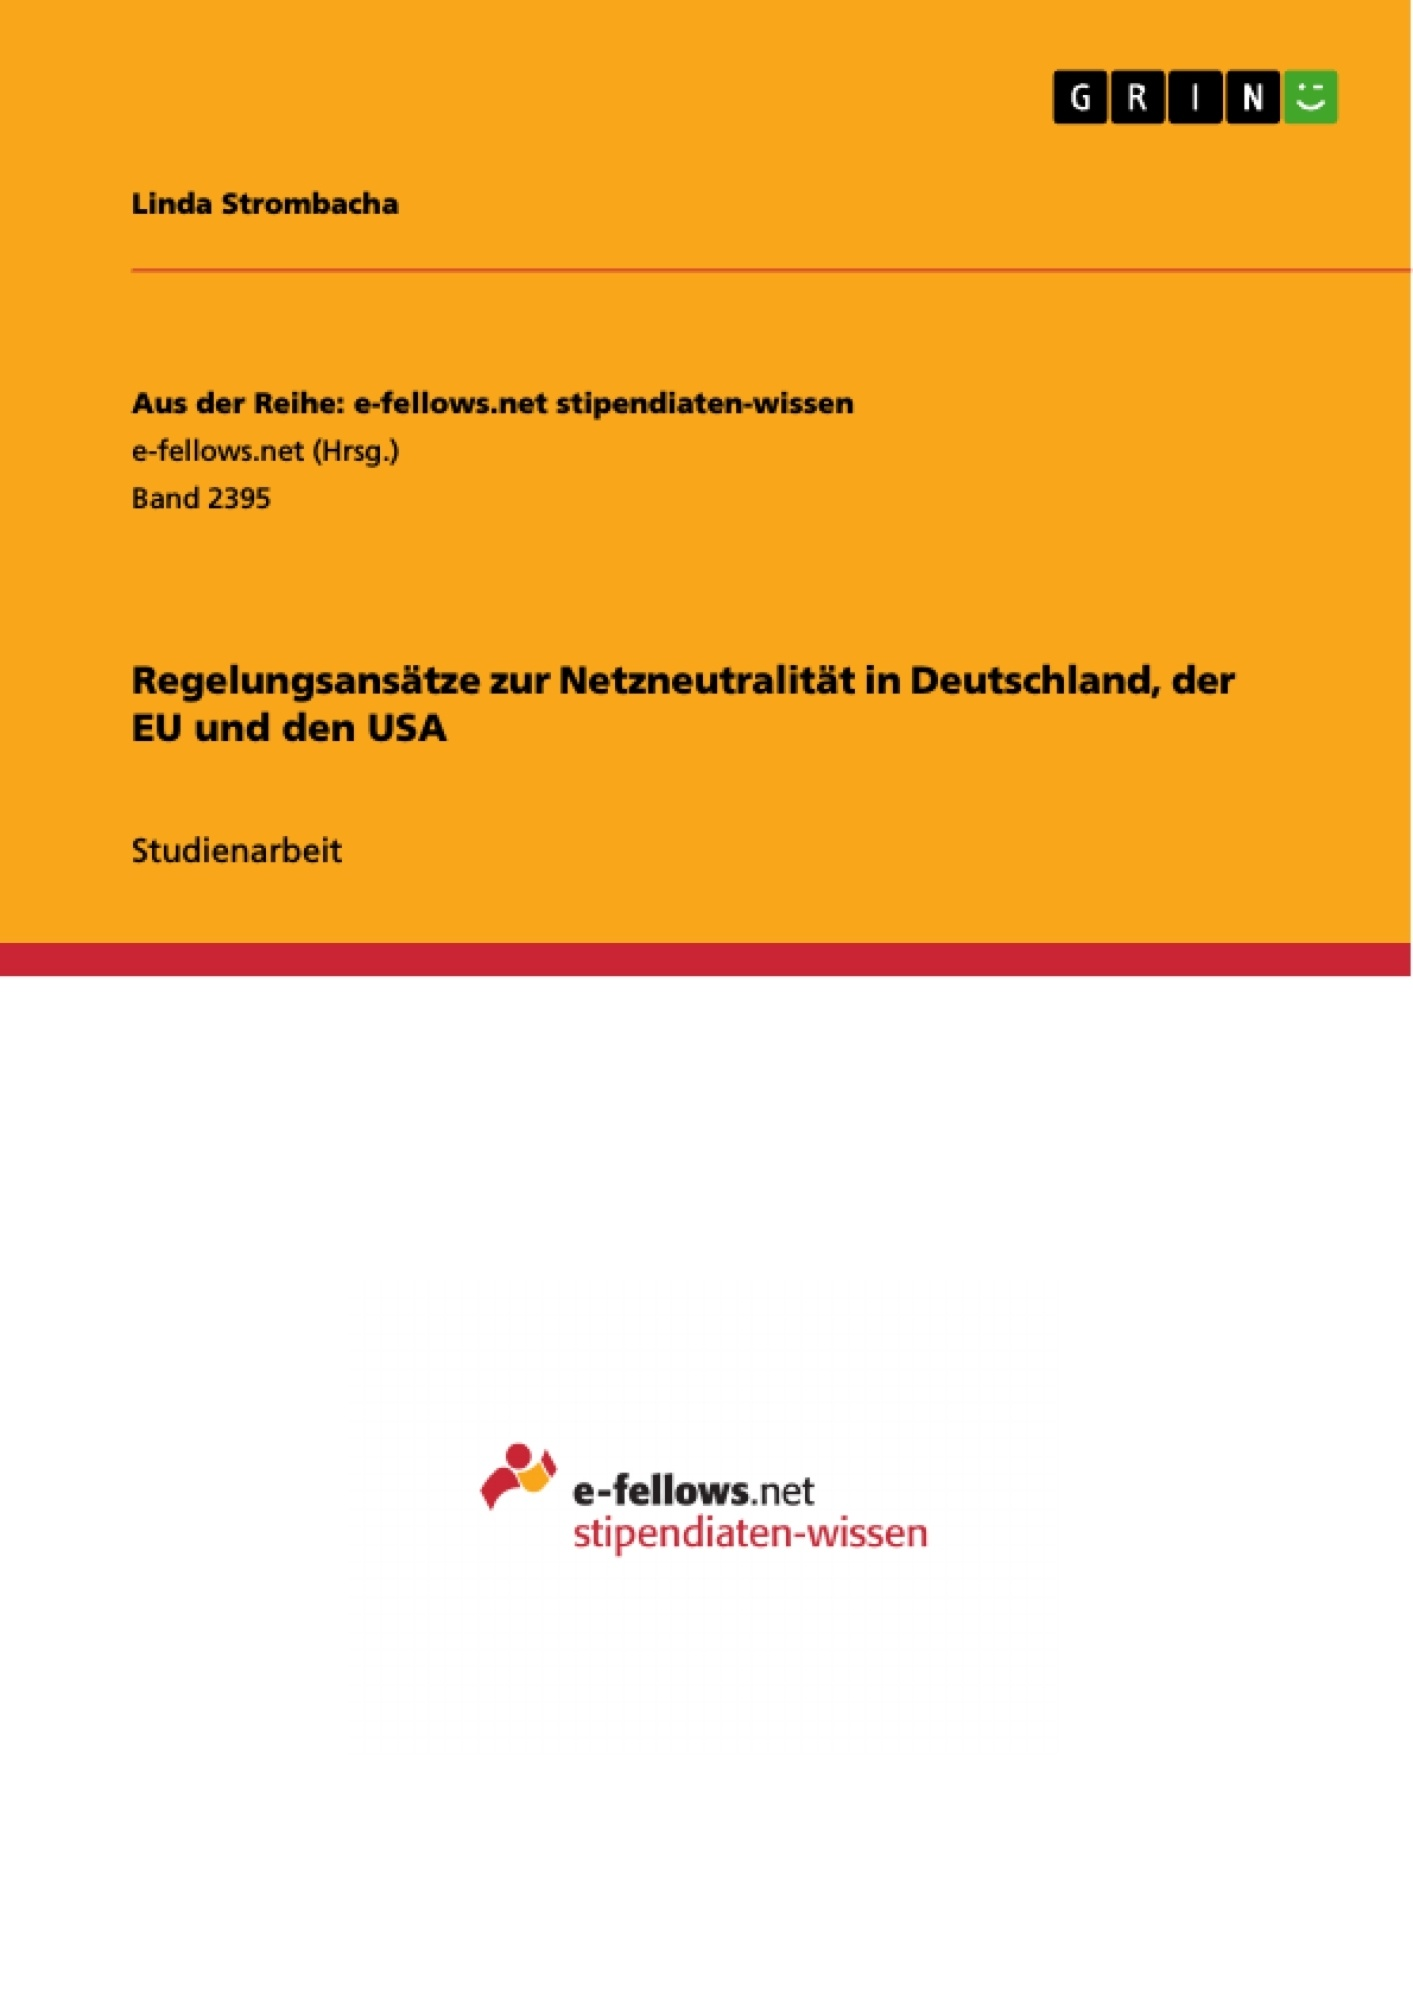 Titel: Regelungsansätze zur Netzneutralität in Deutschland, der EU und den USA